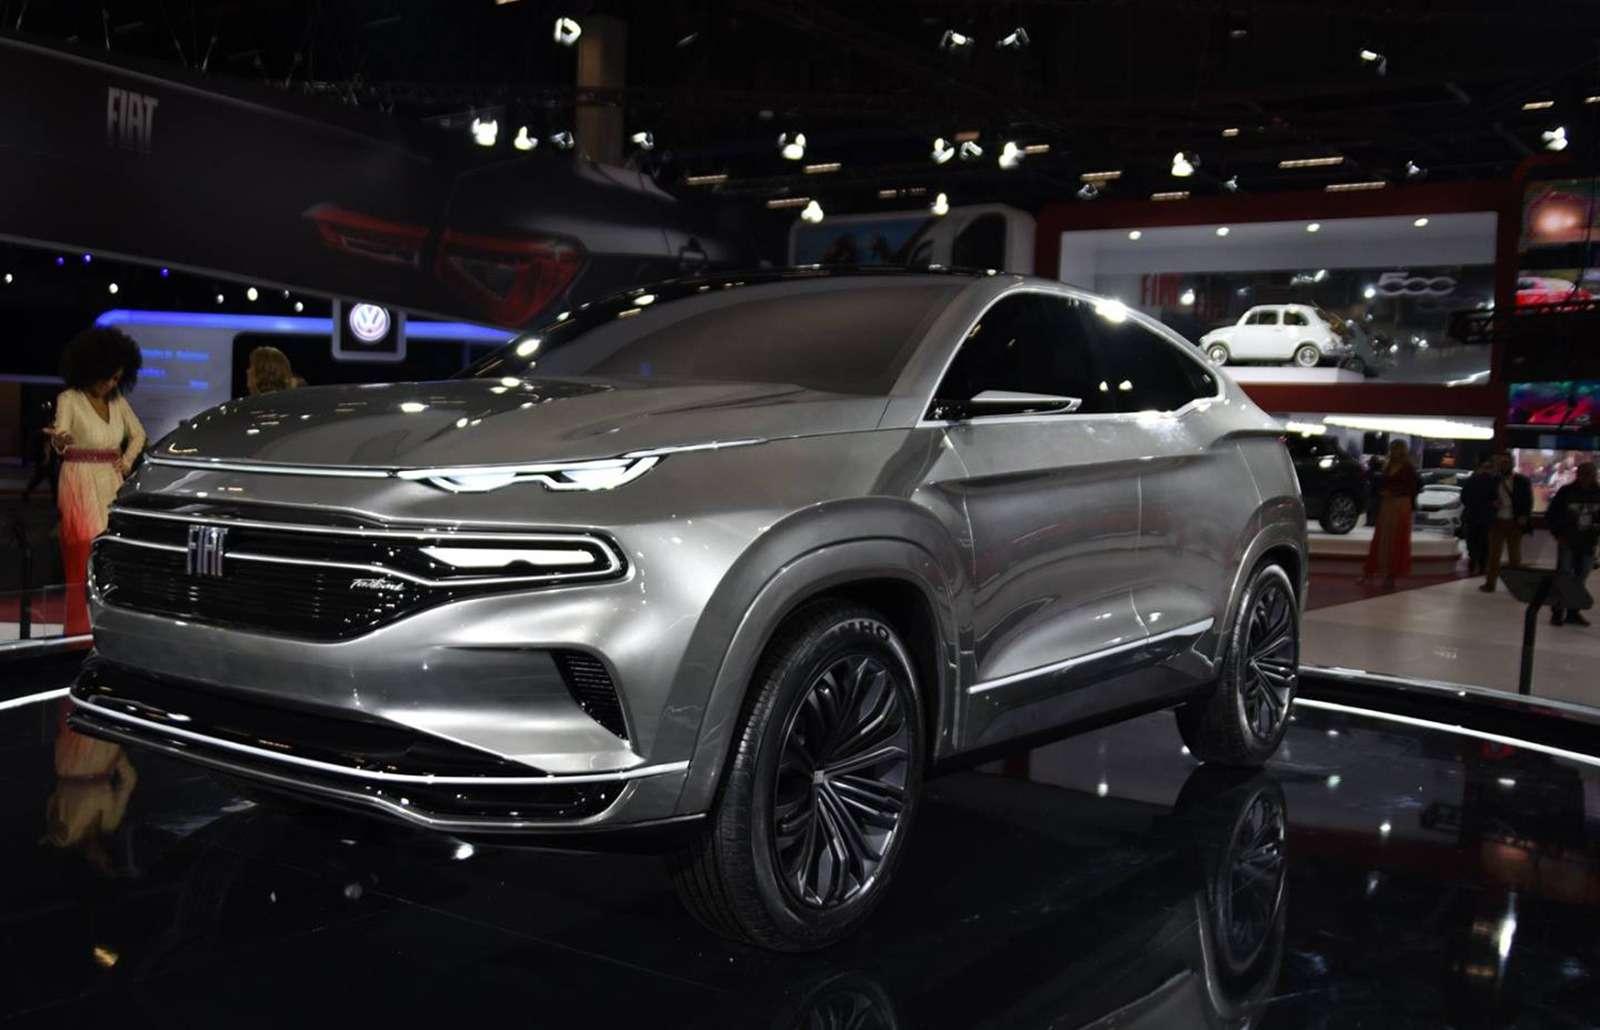 Fiat показал купе-кроссовер. Это будущий конкурент Renault Arkana!— фото 920722